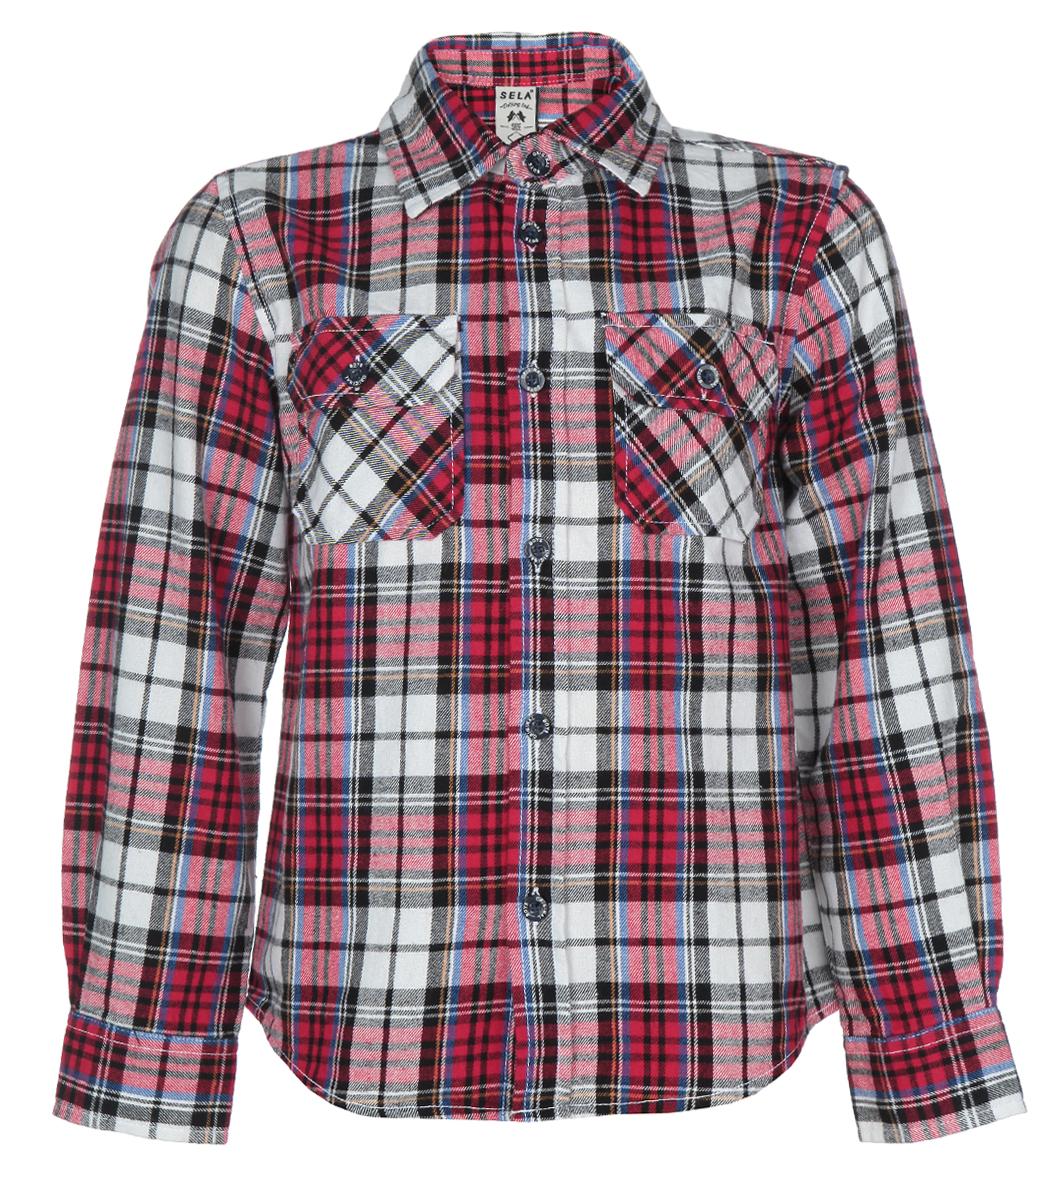 Рубашка для мальчика. H-712/441-5414H-712/441-5414Утепленная рубашка для мальчика Sela с длинными рукавами идеально подойдет вашему ребенку и станет отличным дополнением к детскому гардеробу. Изготовленная из натурального хлопка, она необычайно мягкая и приятная на ощупь, не сковывает движения и позволяет коже дышать, не раздражает даже самую нежную и чувствительную кожу ребенка, обеспечивая ему наибольший комфорт. Рубашка с отложным воротничком застегивается на пуговицы по всей длине. На груди она дополнена двумя накладными кармашками с клапанами на пуговицах. Рукава понизу дополнены широкими манжетами на пуговицах. Оформлена модель принтом в клетку. Современный дизайн и расцветка делают эту рубашку модным и стильным предметом детского гардероба. В ней ваш маленький мужчина всегда будет в центре внимания!